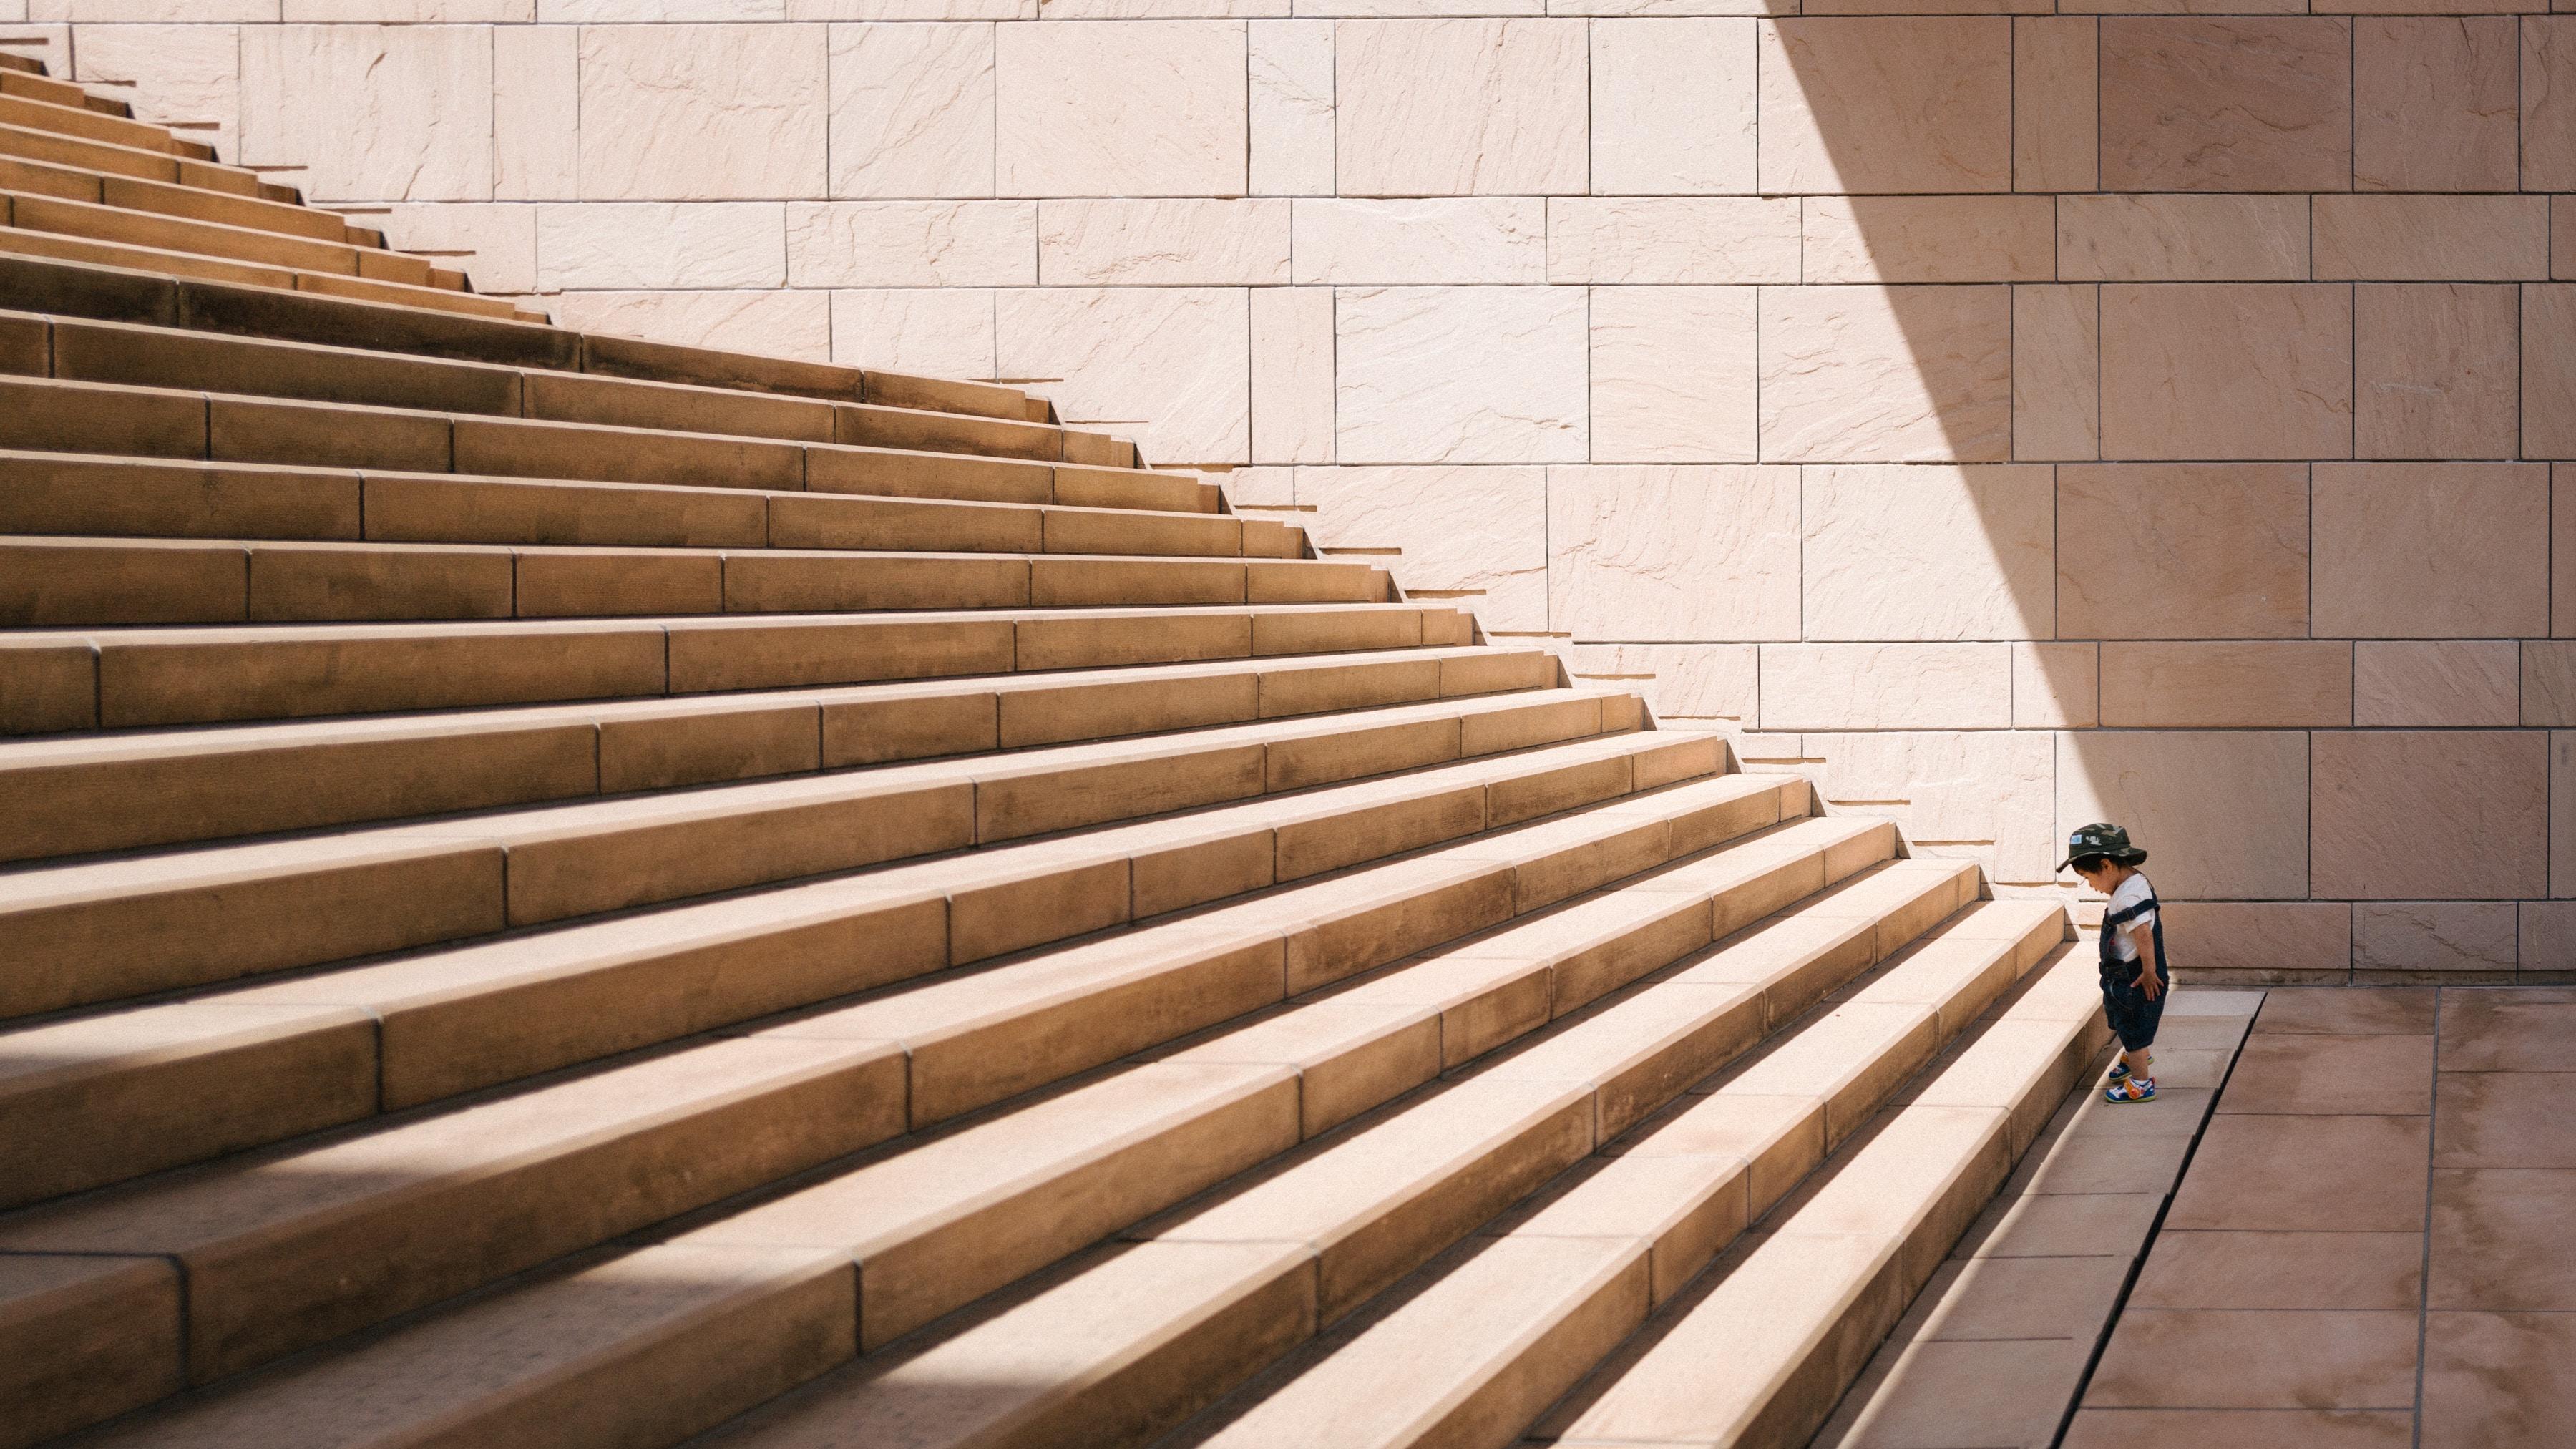 superando as barreiras iniciais à inovação